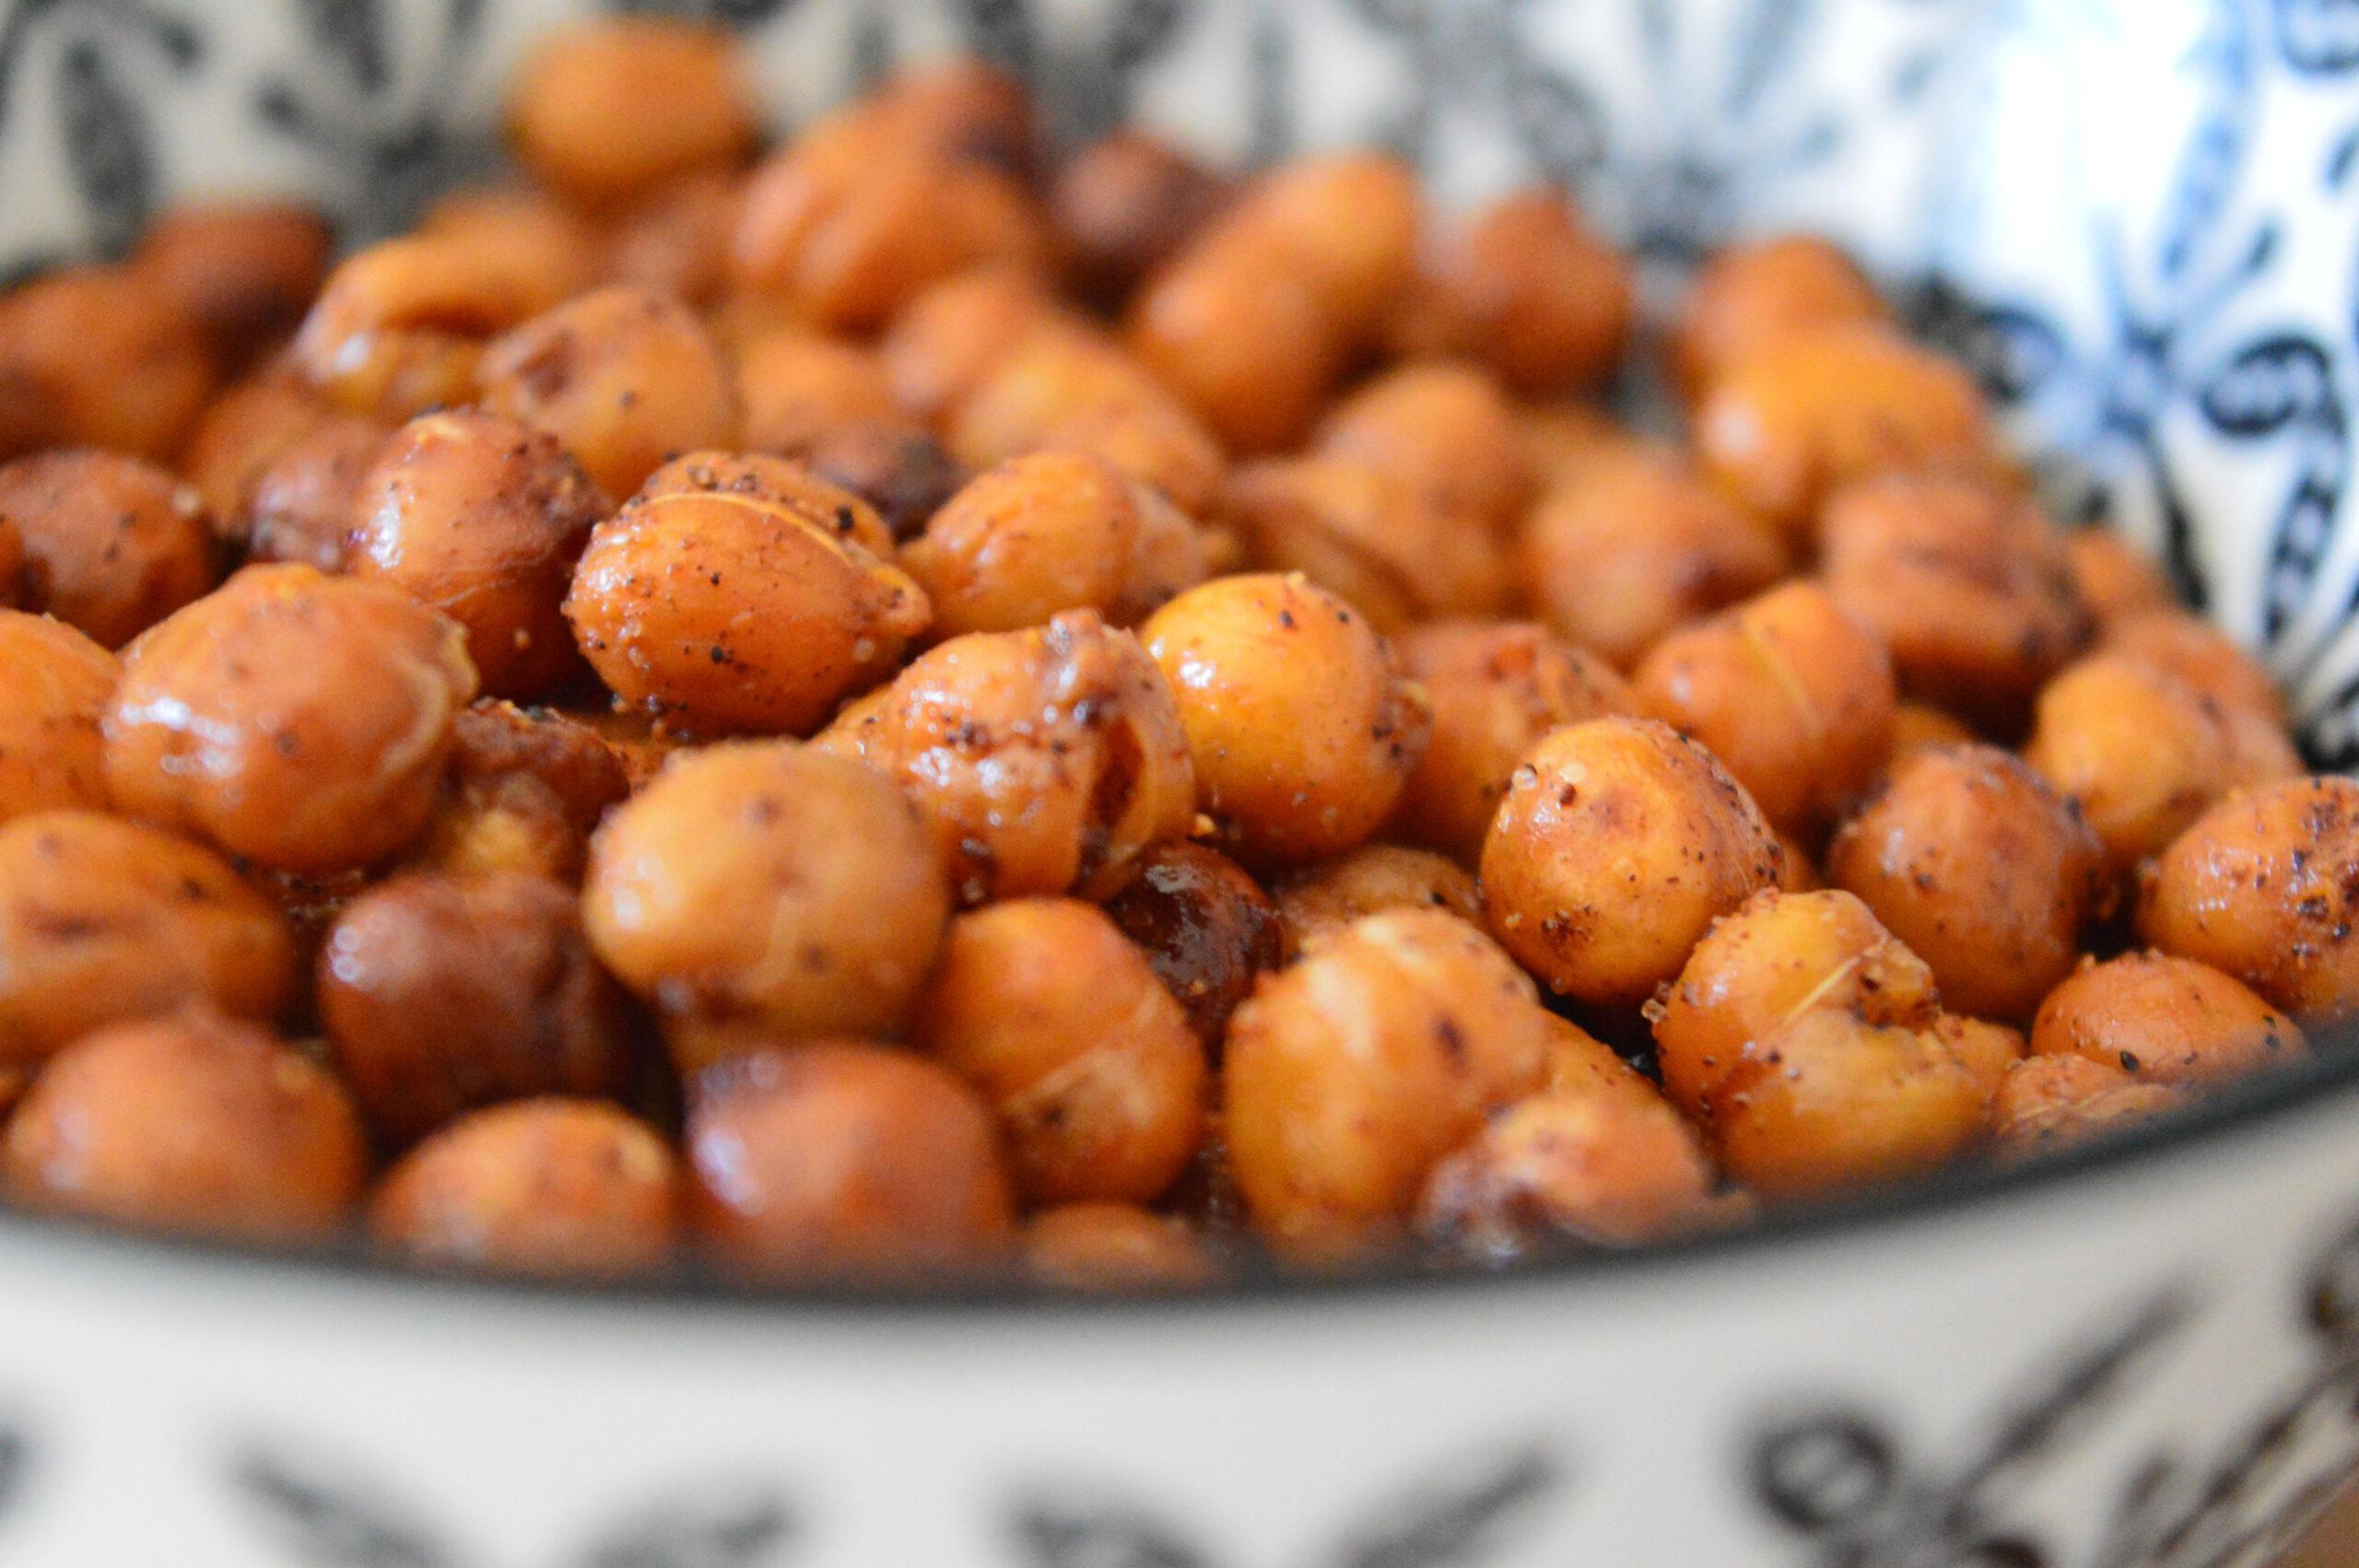 Veganer Snack zum Abnehmen - NicNac's mal anders - nämlich gesund